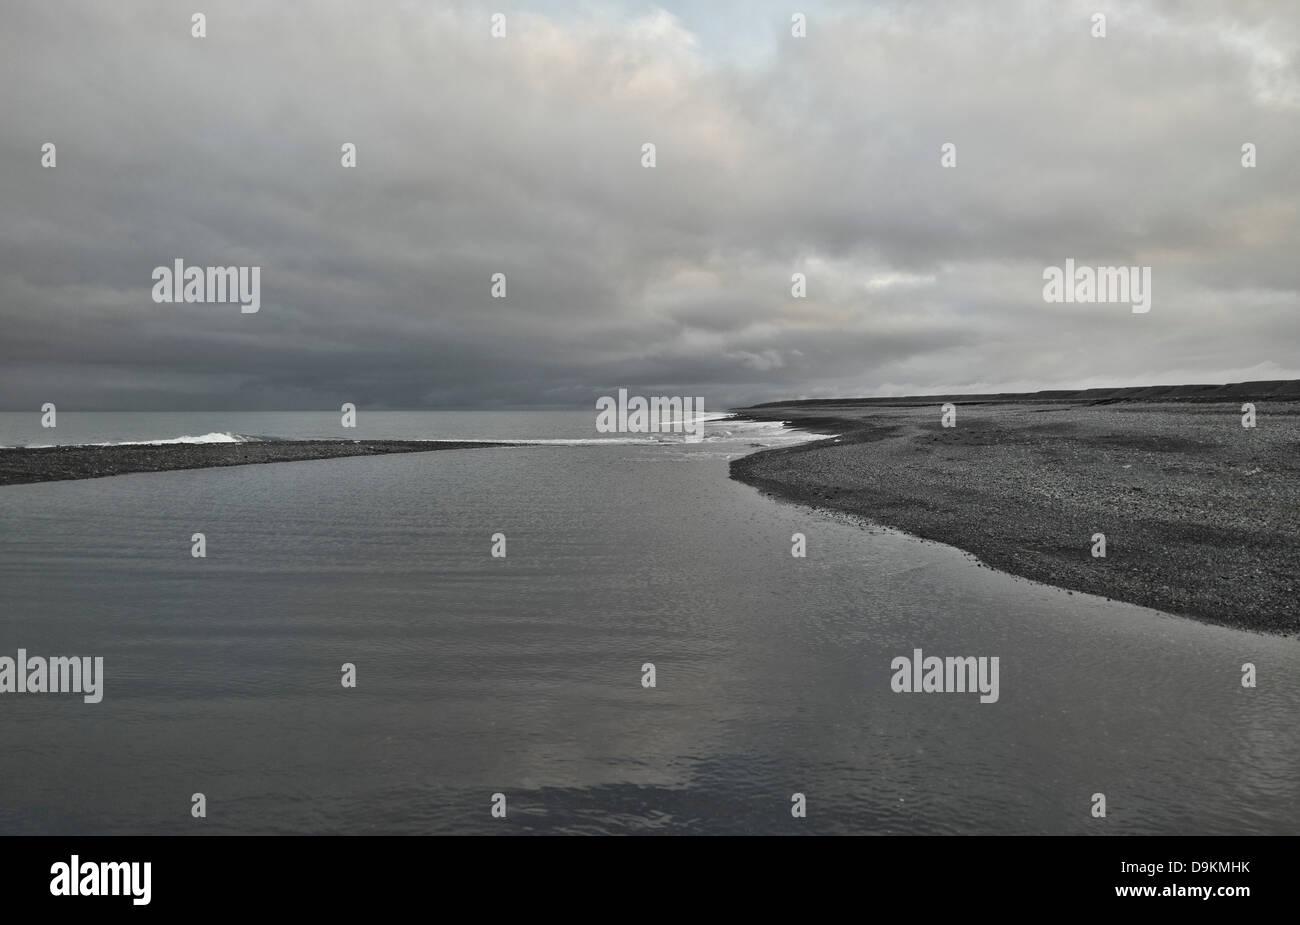 Lago di grigio nel paesaggio vuoto Immagini Stock